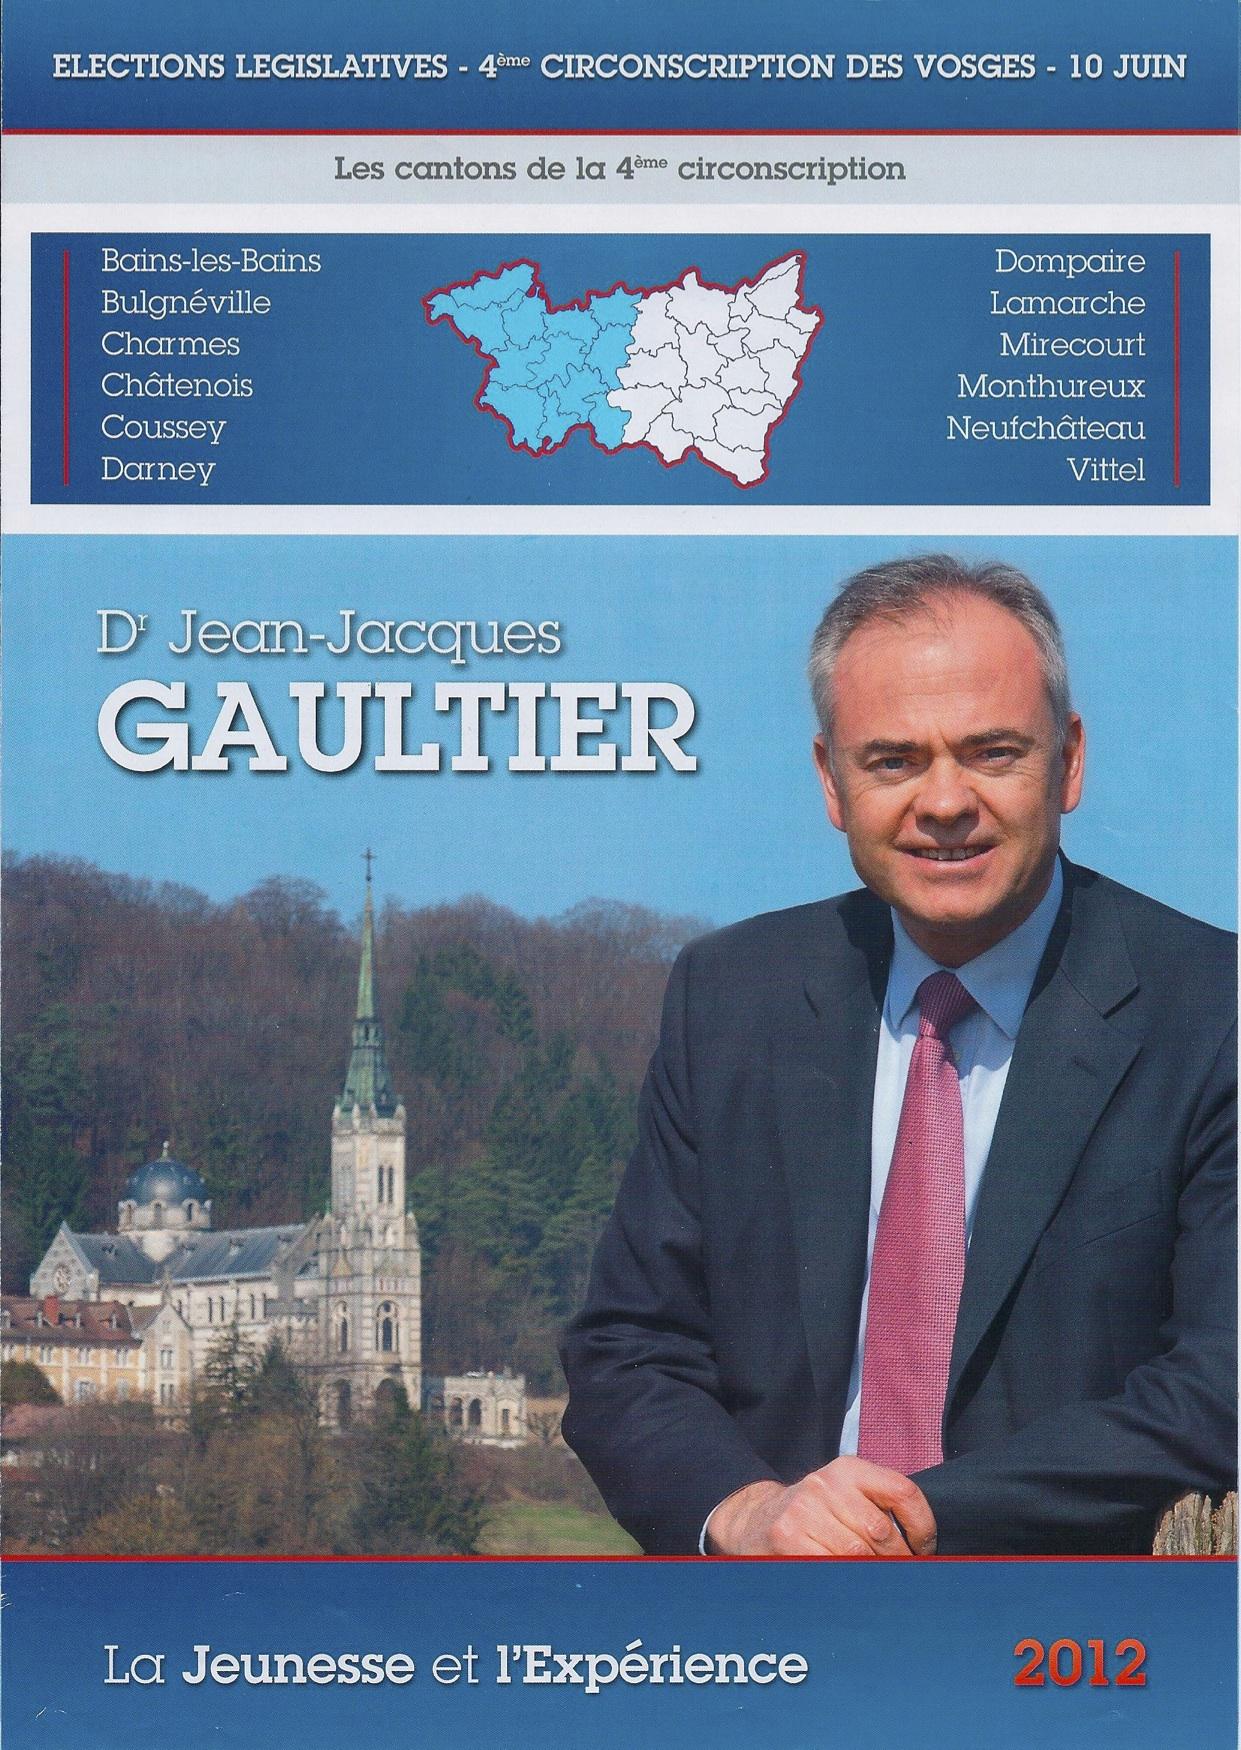 Jean-Jacques Gaultier, Programme du candidat de la 4ème circonscription des Vosges - Législatives 2012